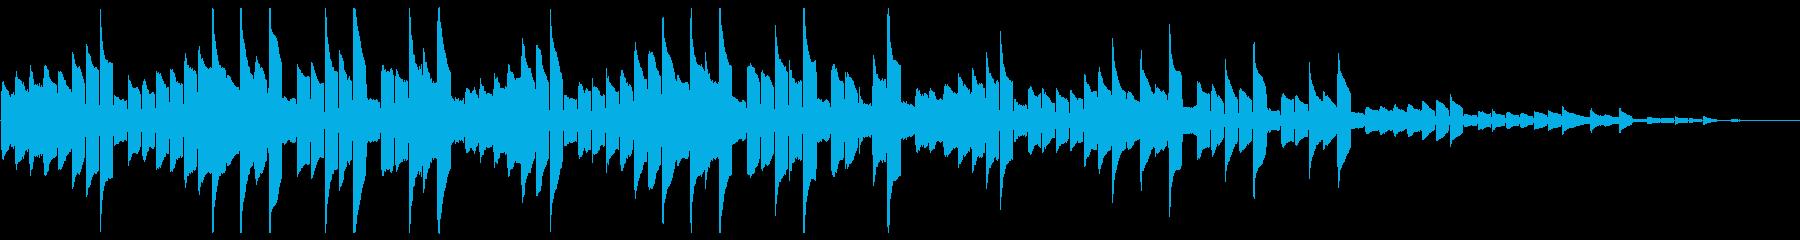 呼び出し 着信音 アラート ブザーの再生済みの波形